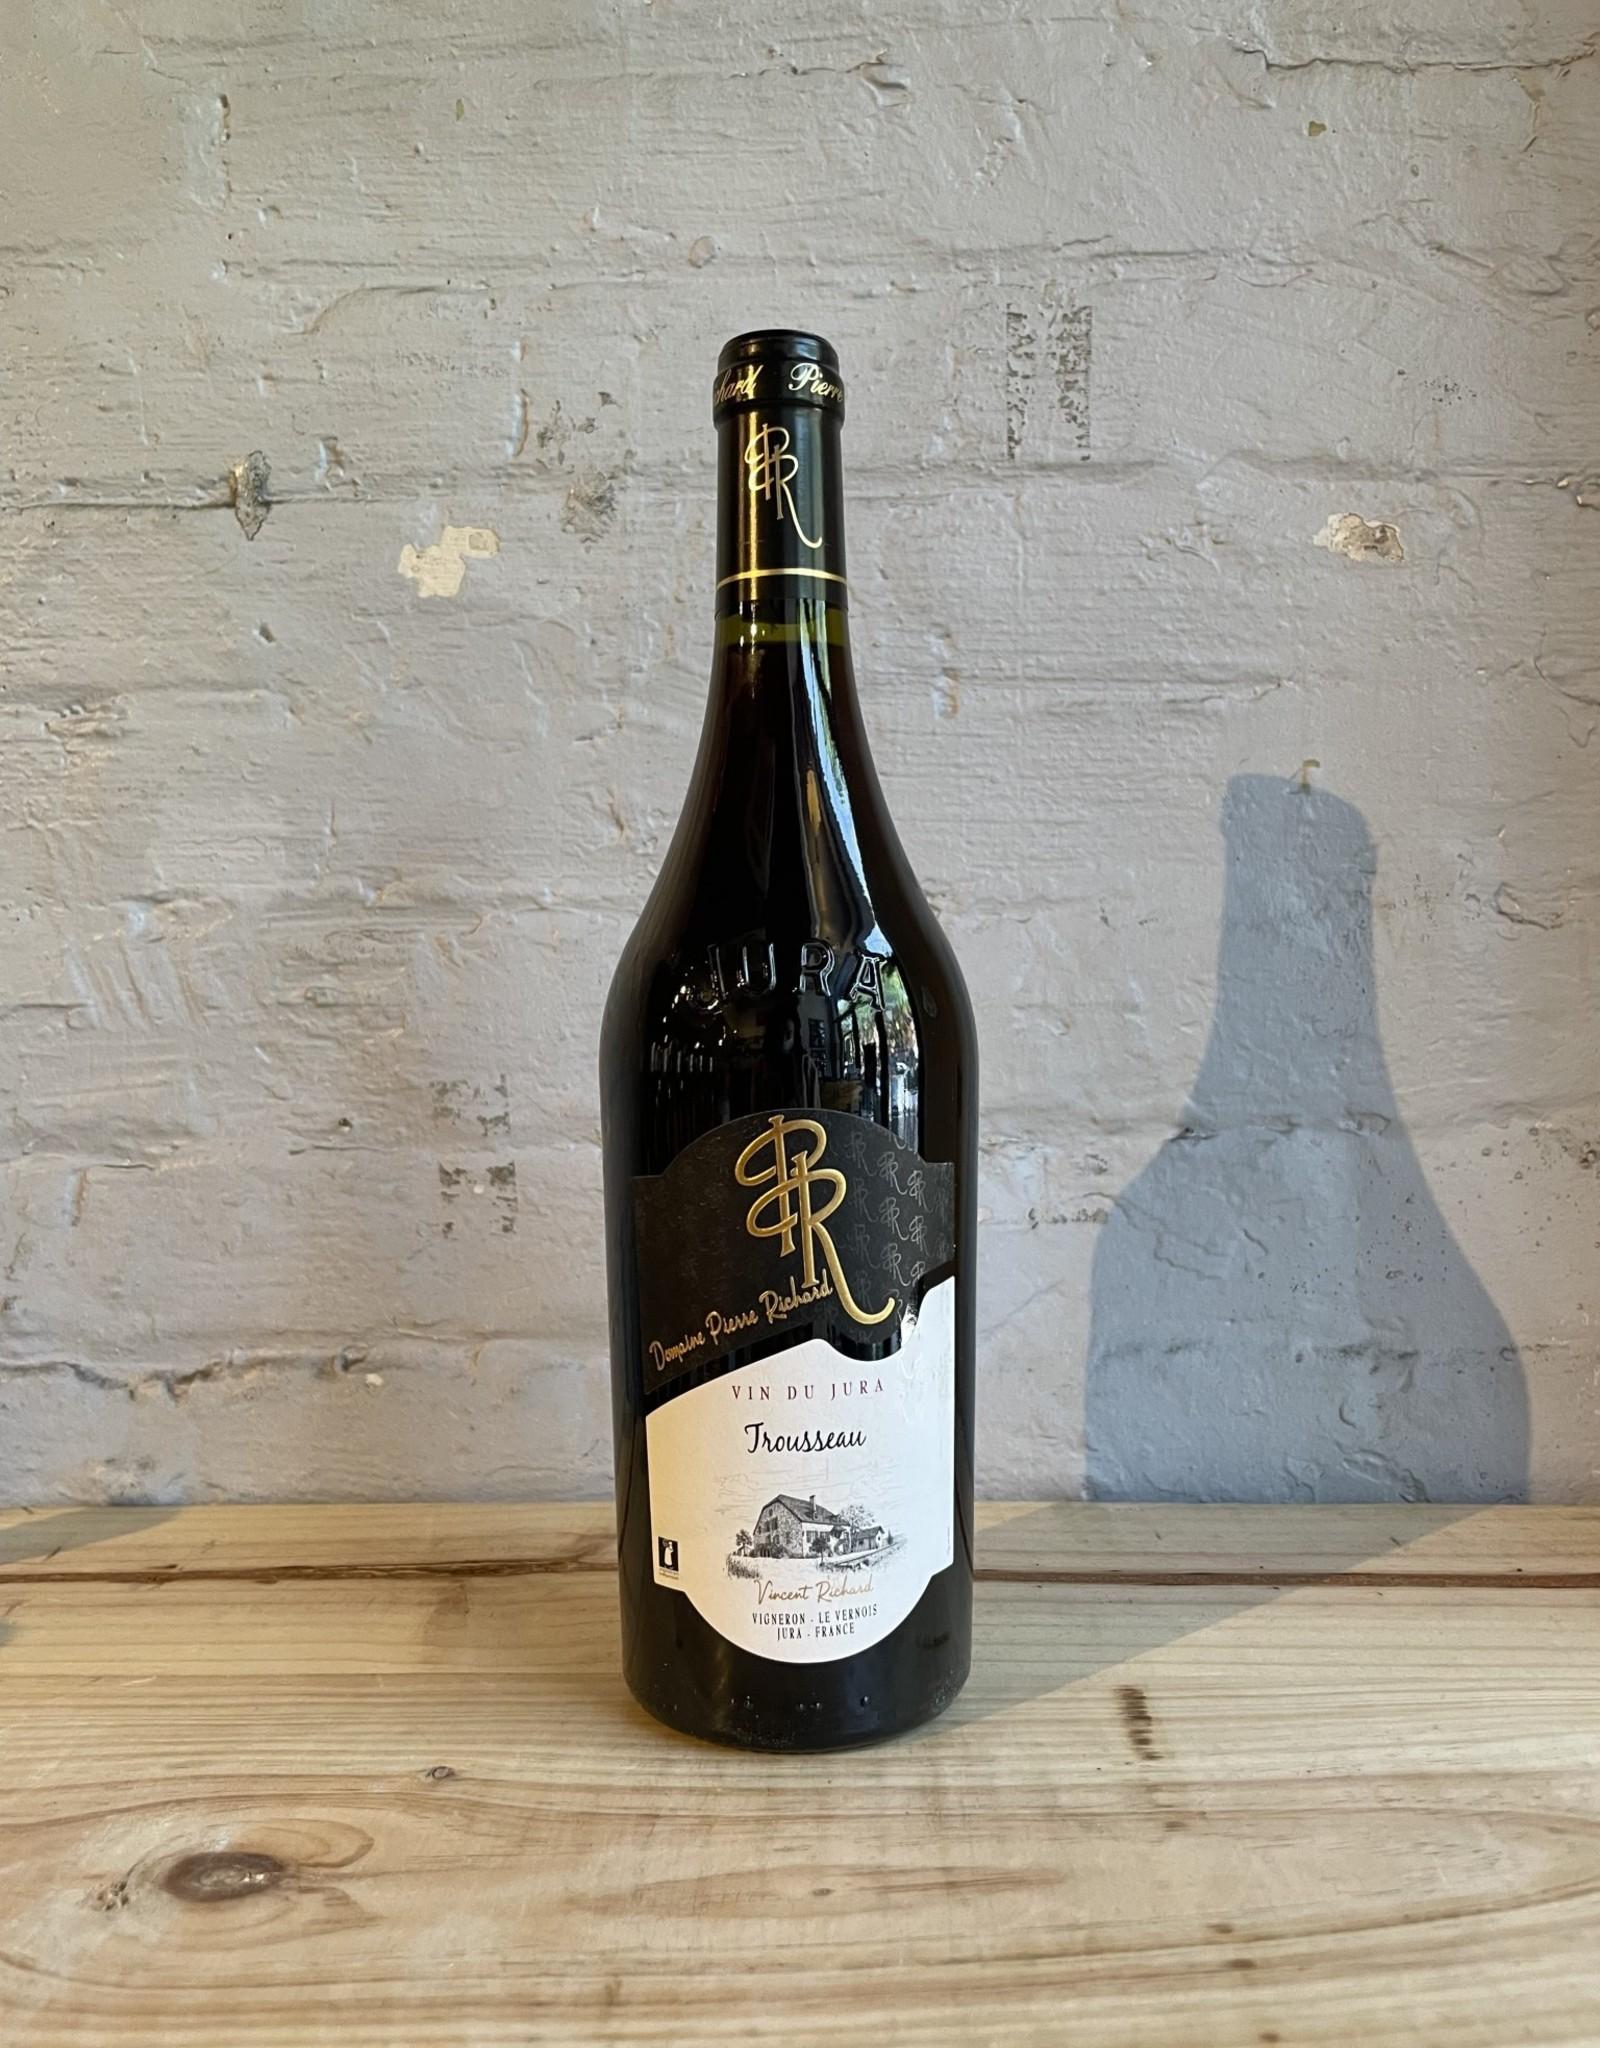 Wine 2017 Domaine Pierre Richard Trousseau - Cotes du Jura, France